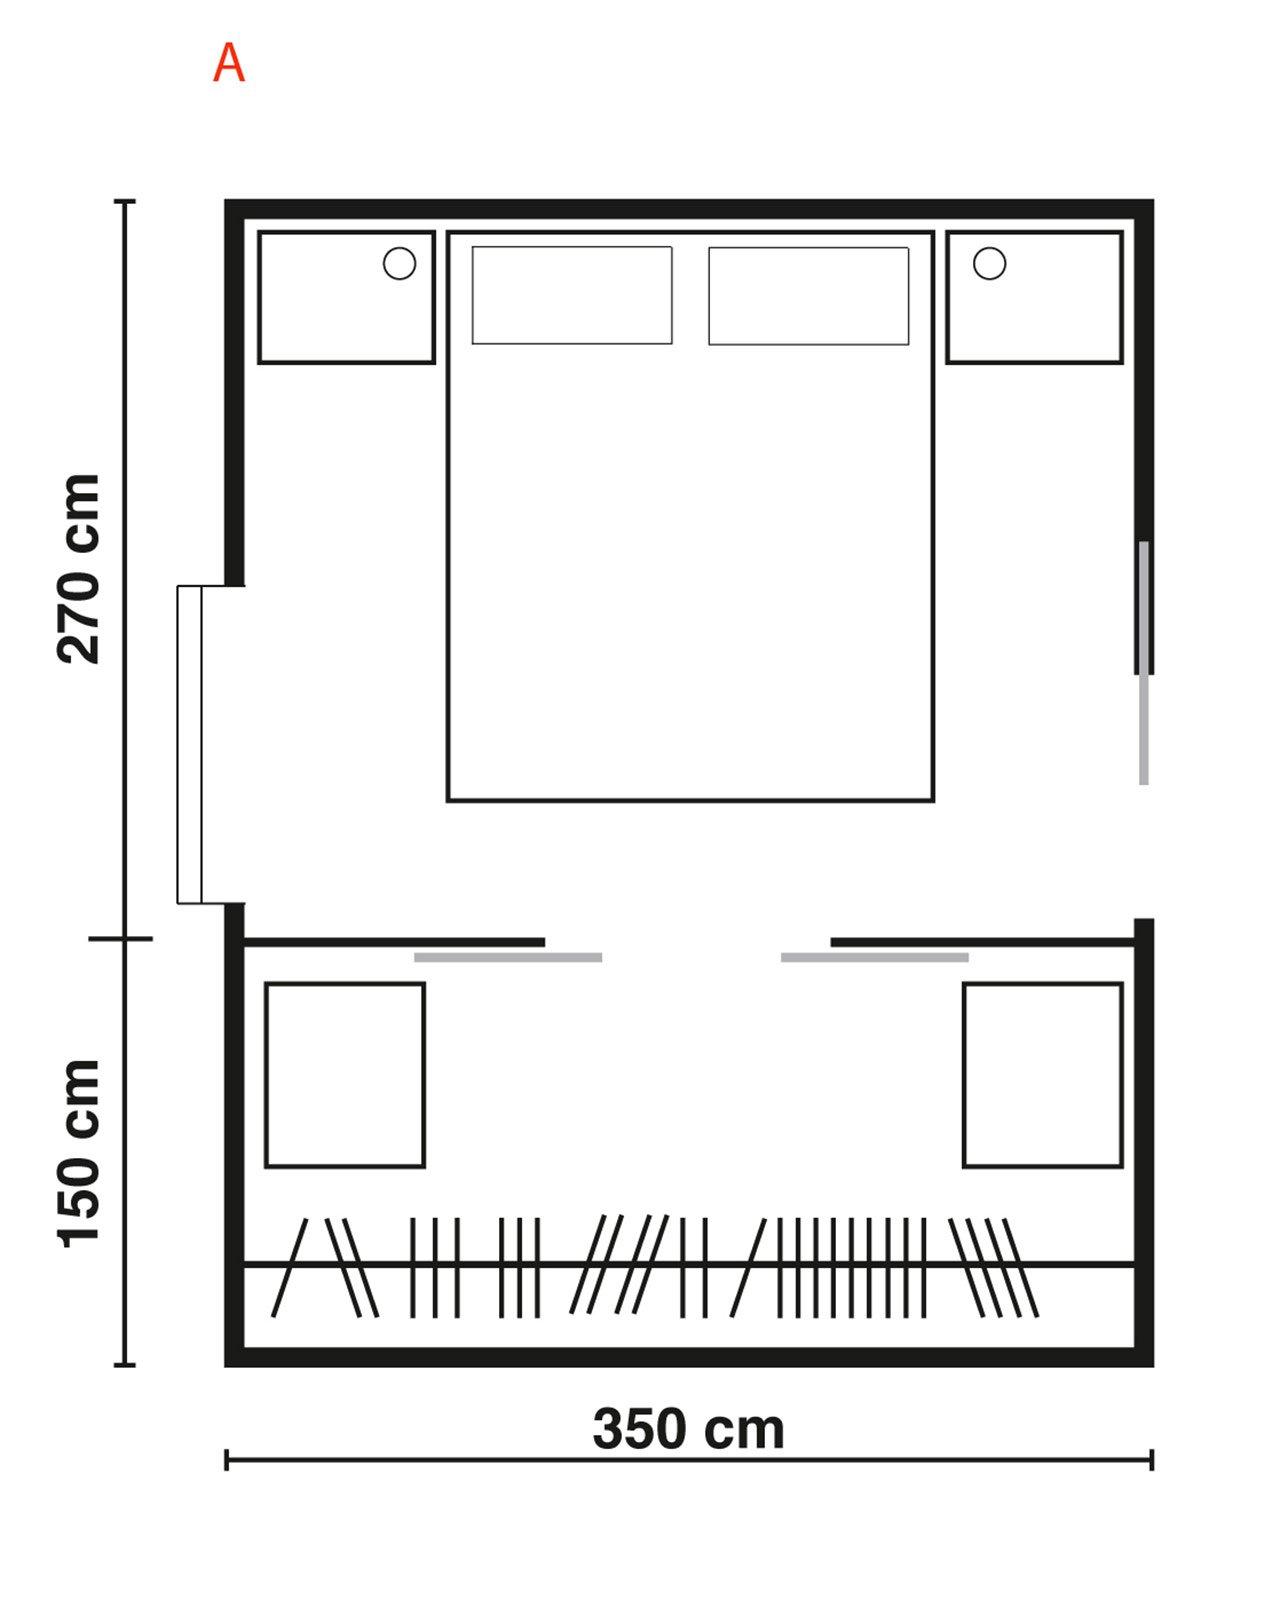 Cabine armadio progettiamo insieme lo spazio cose di casa - Misure cabine armadio ...